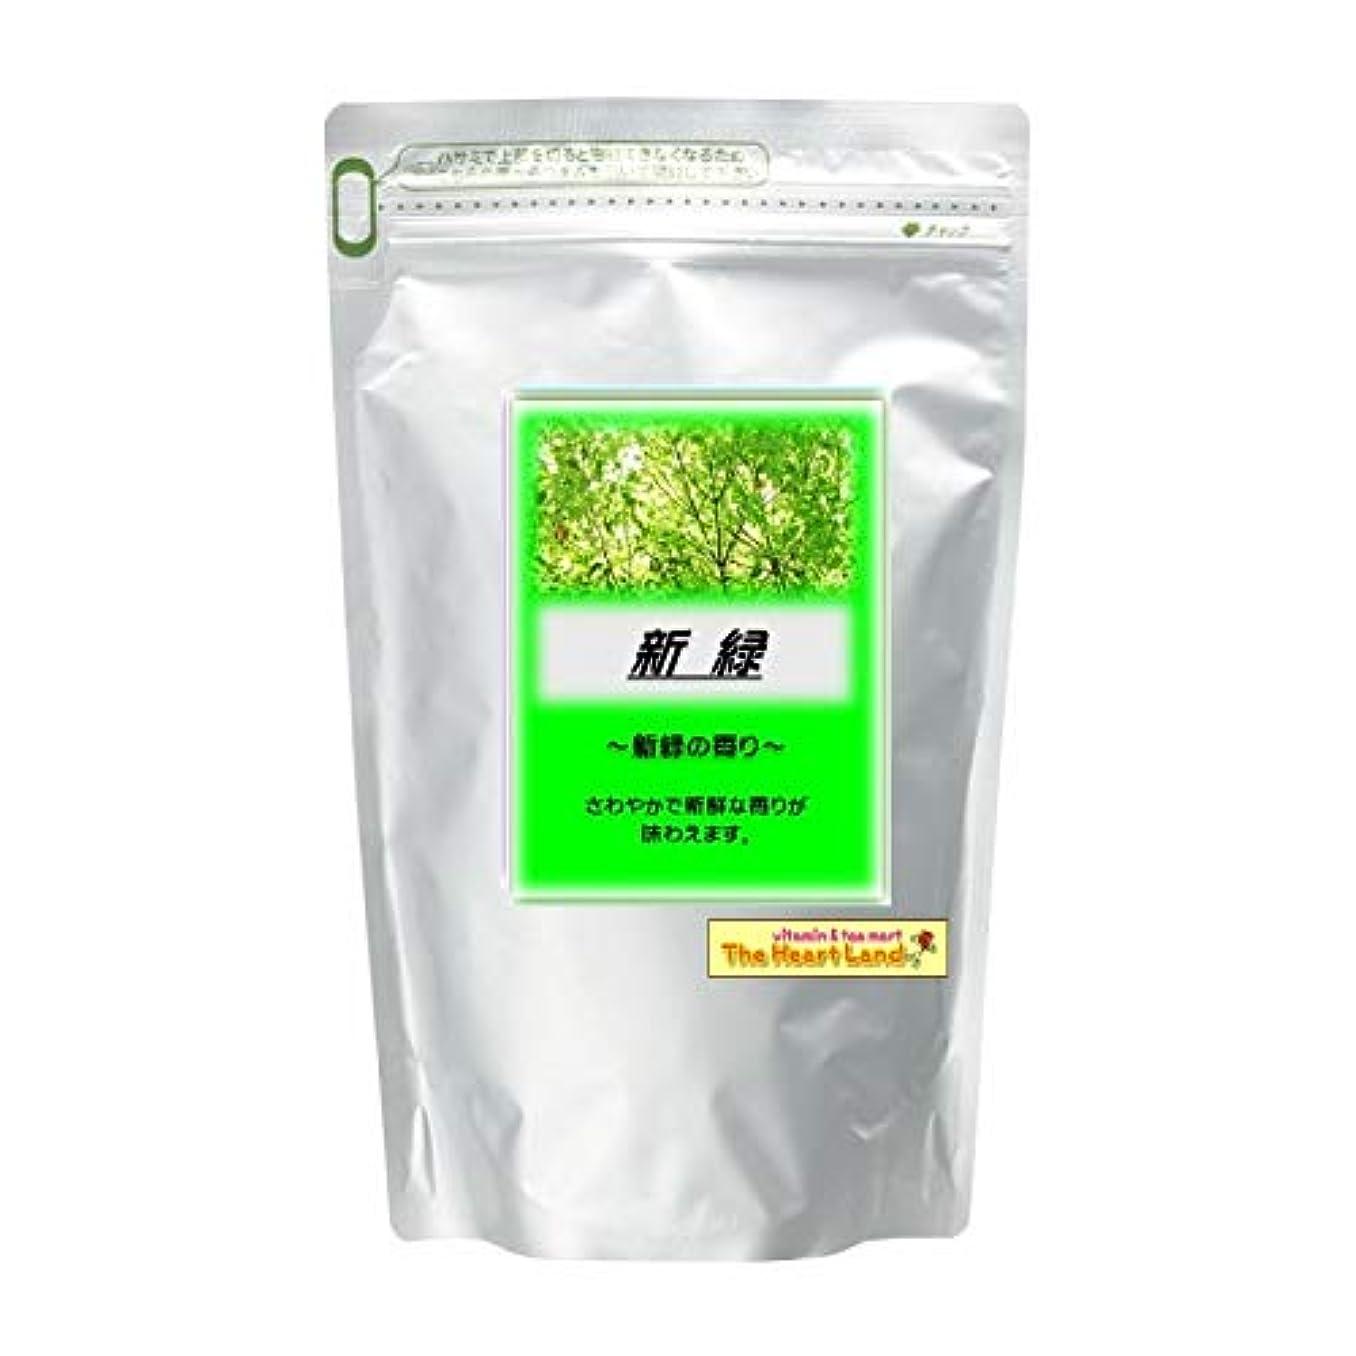 カスタムデザートなめるアサヒ入浴剤 浴用入浴化粧品 新緑 2.5kg